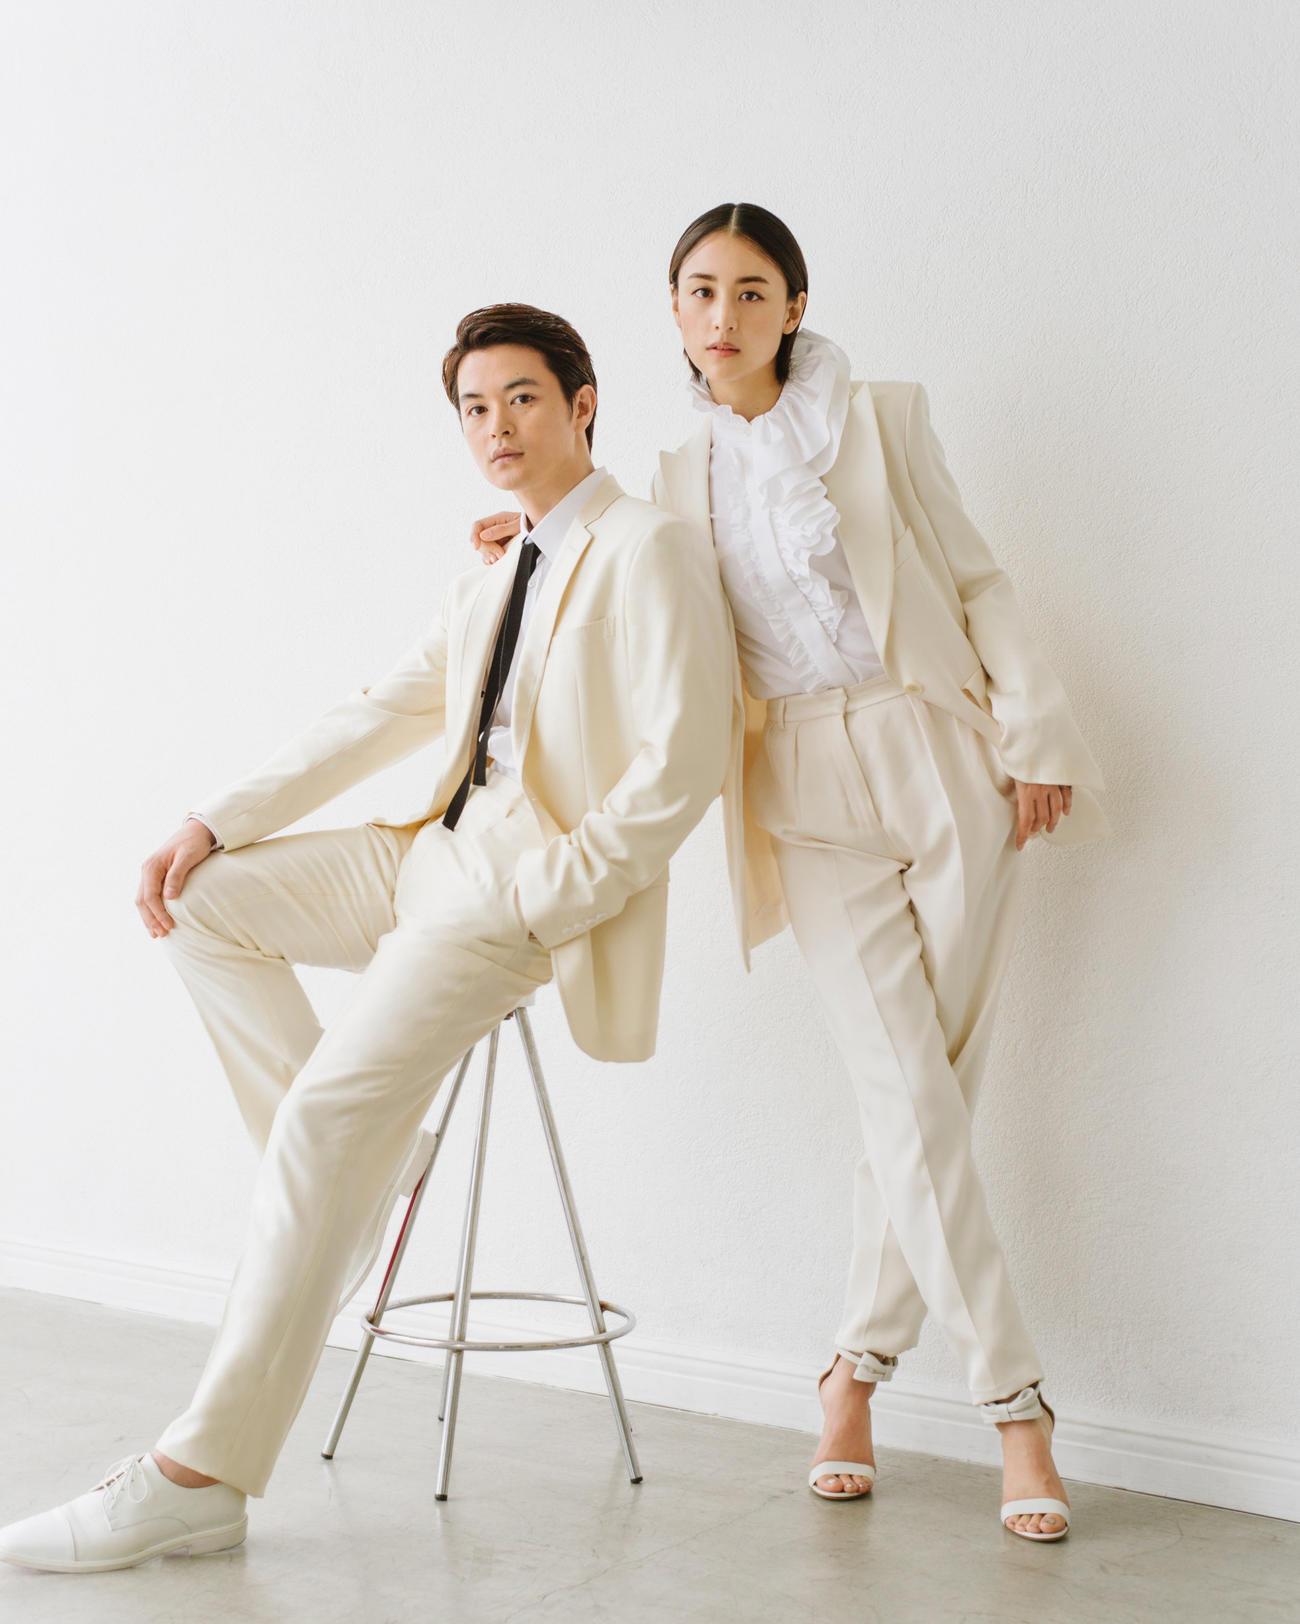 結婚したことを発表した瀬戸康史(左)と山本美月